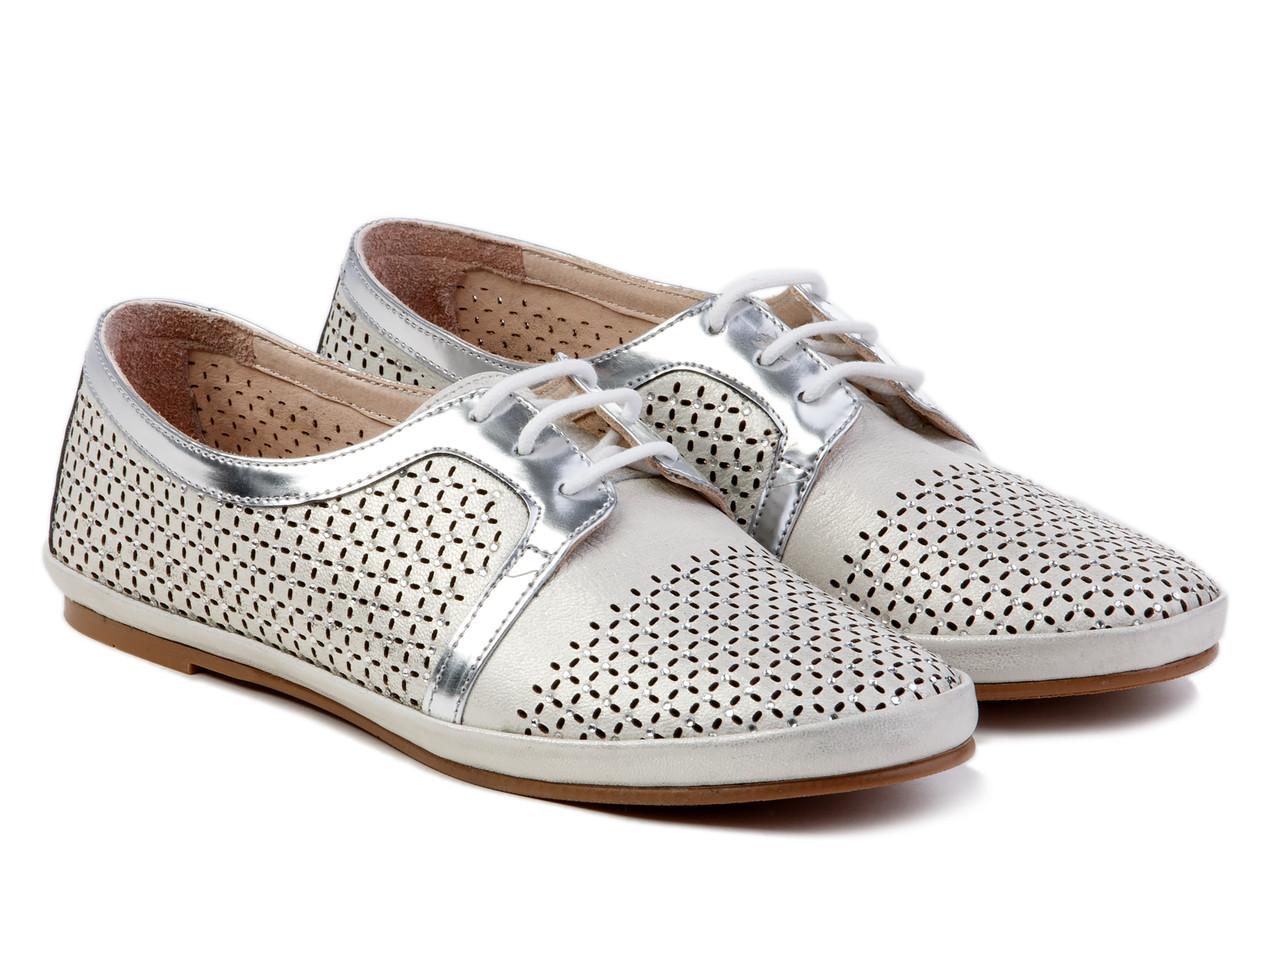 Туфли Etor 5375-11 39 серебристые